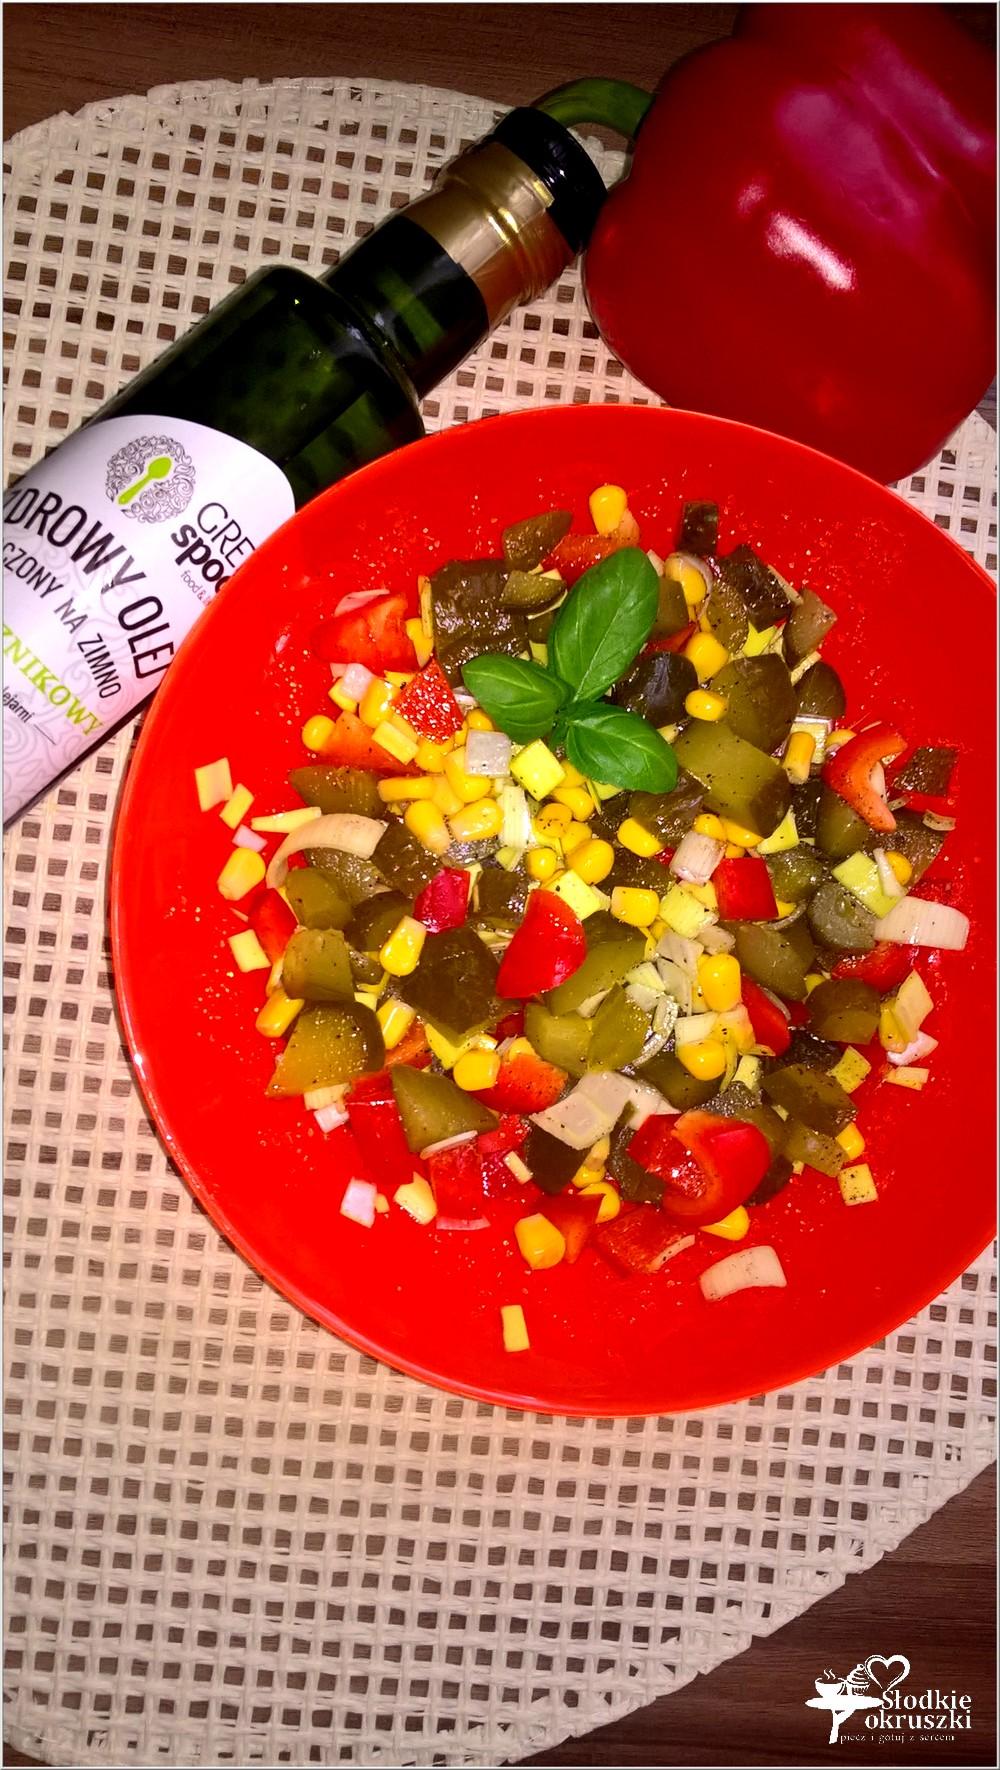 salatka-z-ogorkiem-kiszonym-papryka-i-kukurydza-3